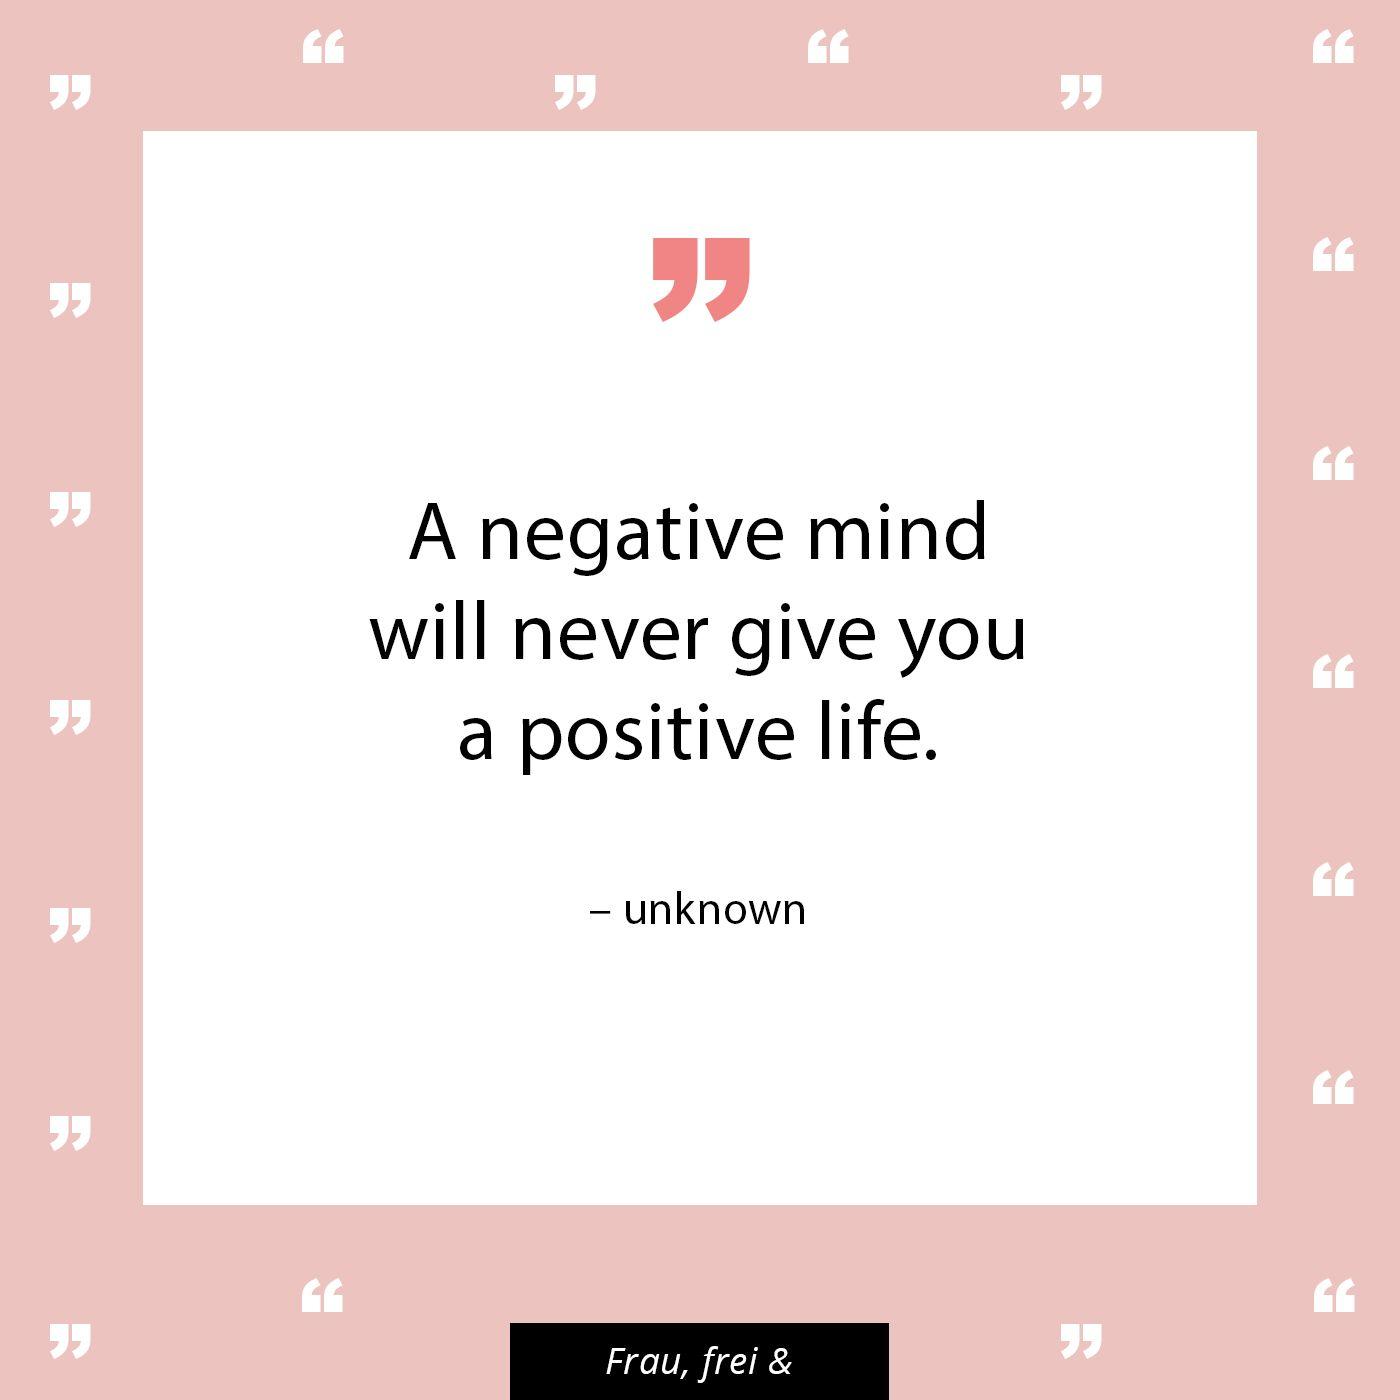 Negative Gedanken Werden Dir Nie Ein Positives Leben Bescheren